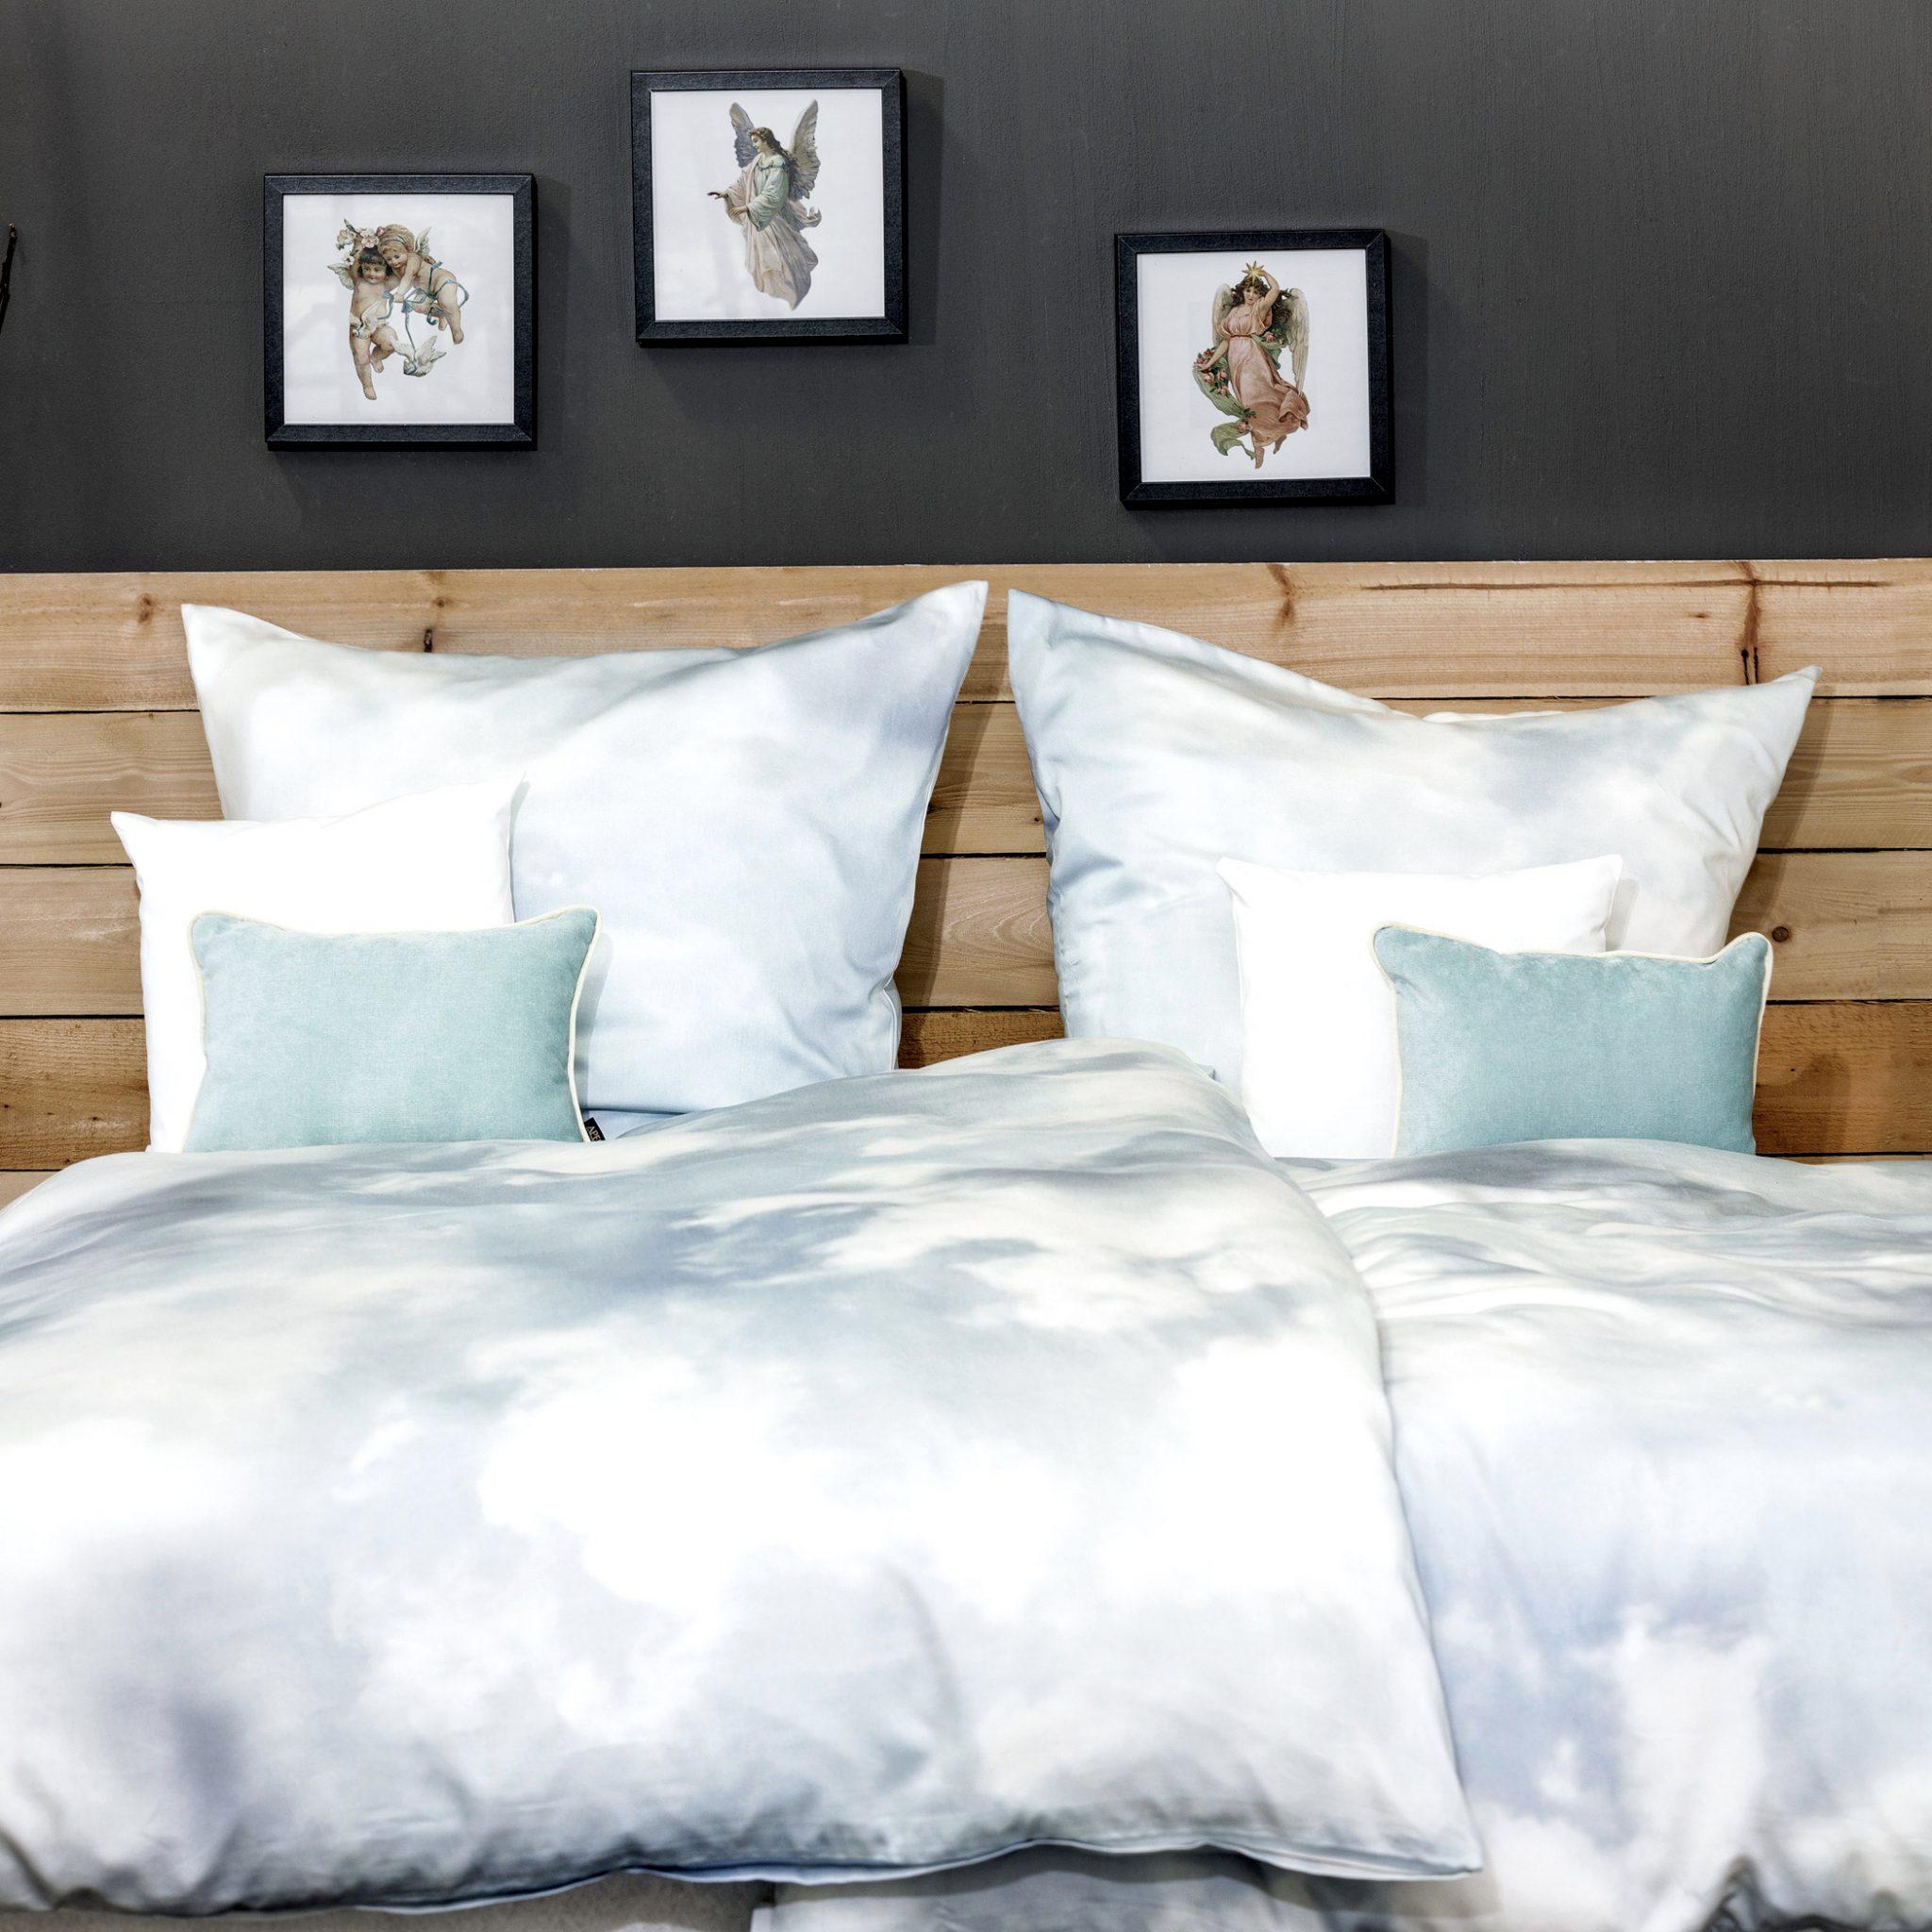 dekokissen apelt 3944 uni basic beige 50x50 l ster laster. Black Bedroom Furniture Sets. Home Design Ideas